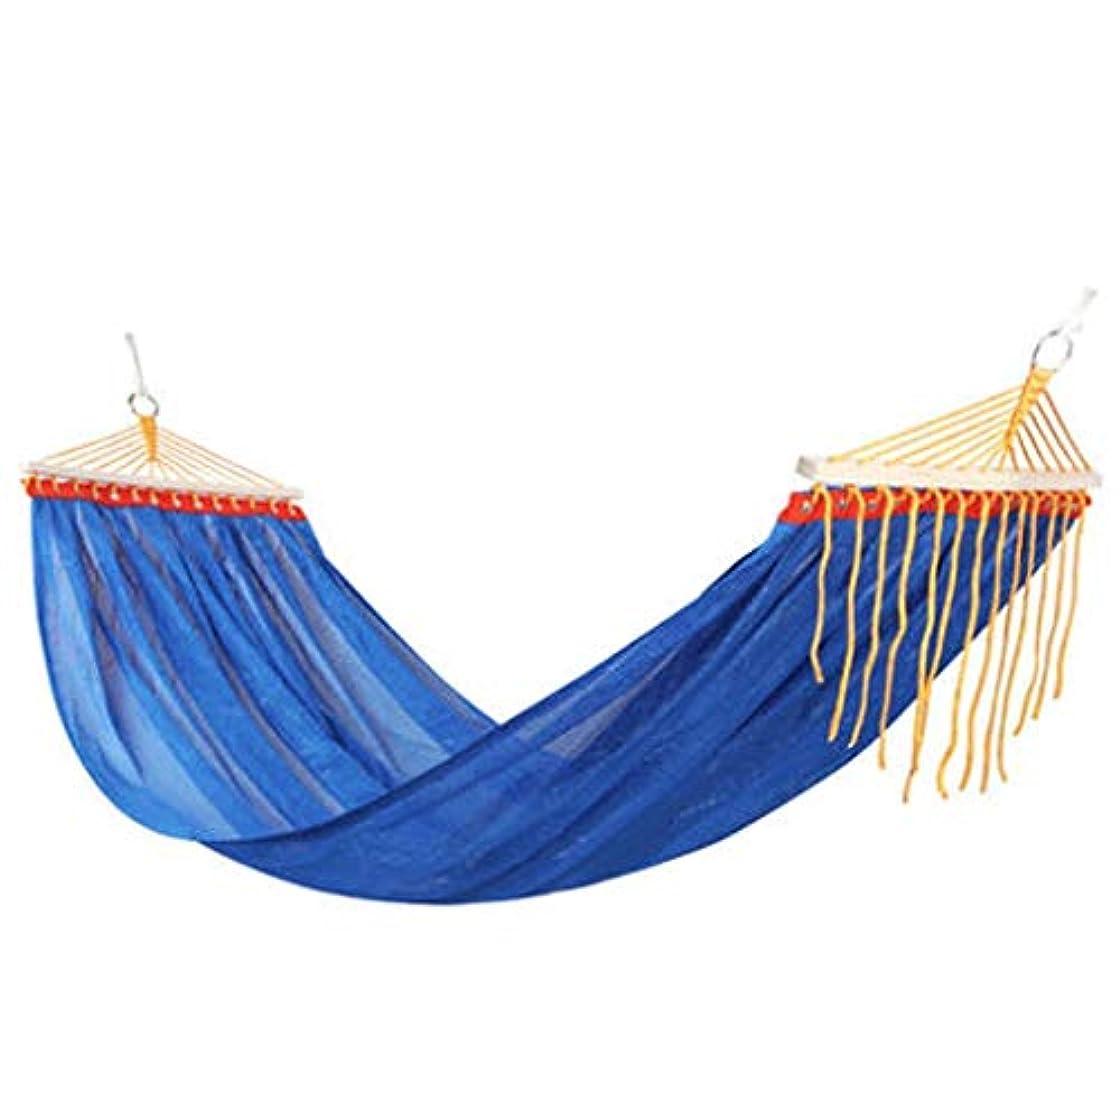 パケットあいにくフラッシュのように素早くハンモック屋外アンチロールオーバー子供大人寝室学生寮バルコニー公園スイングハンモック (色 : 青, サイズ さいず : 190*150cm)